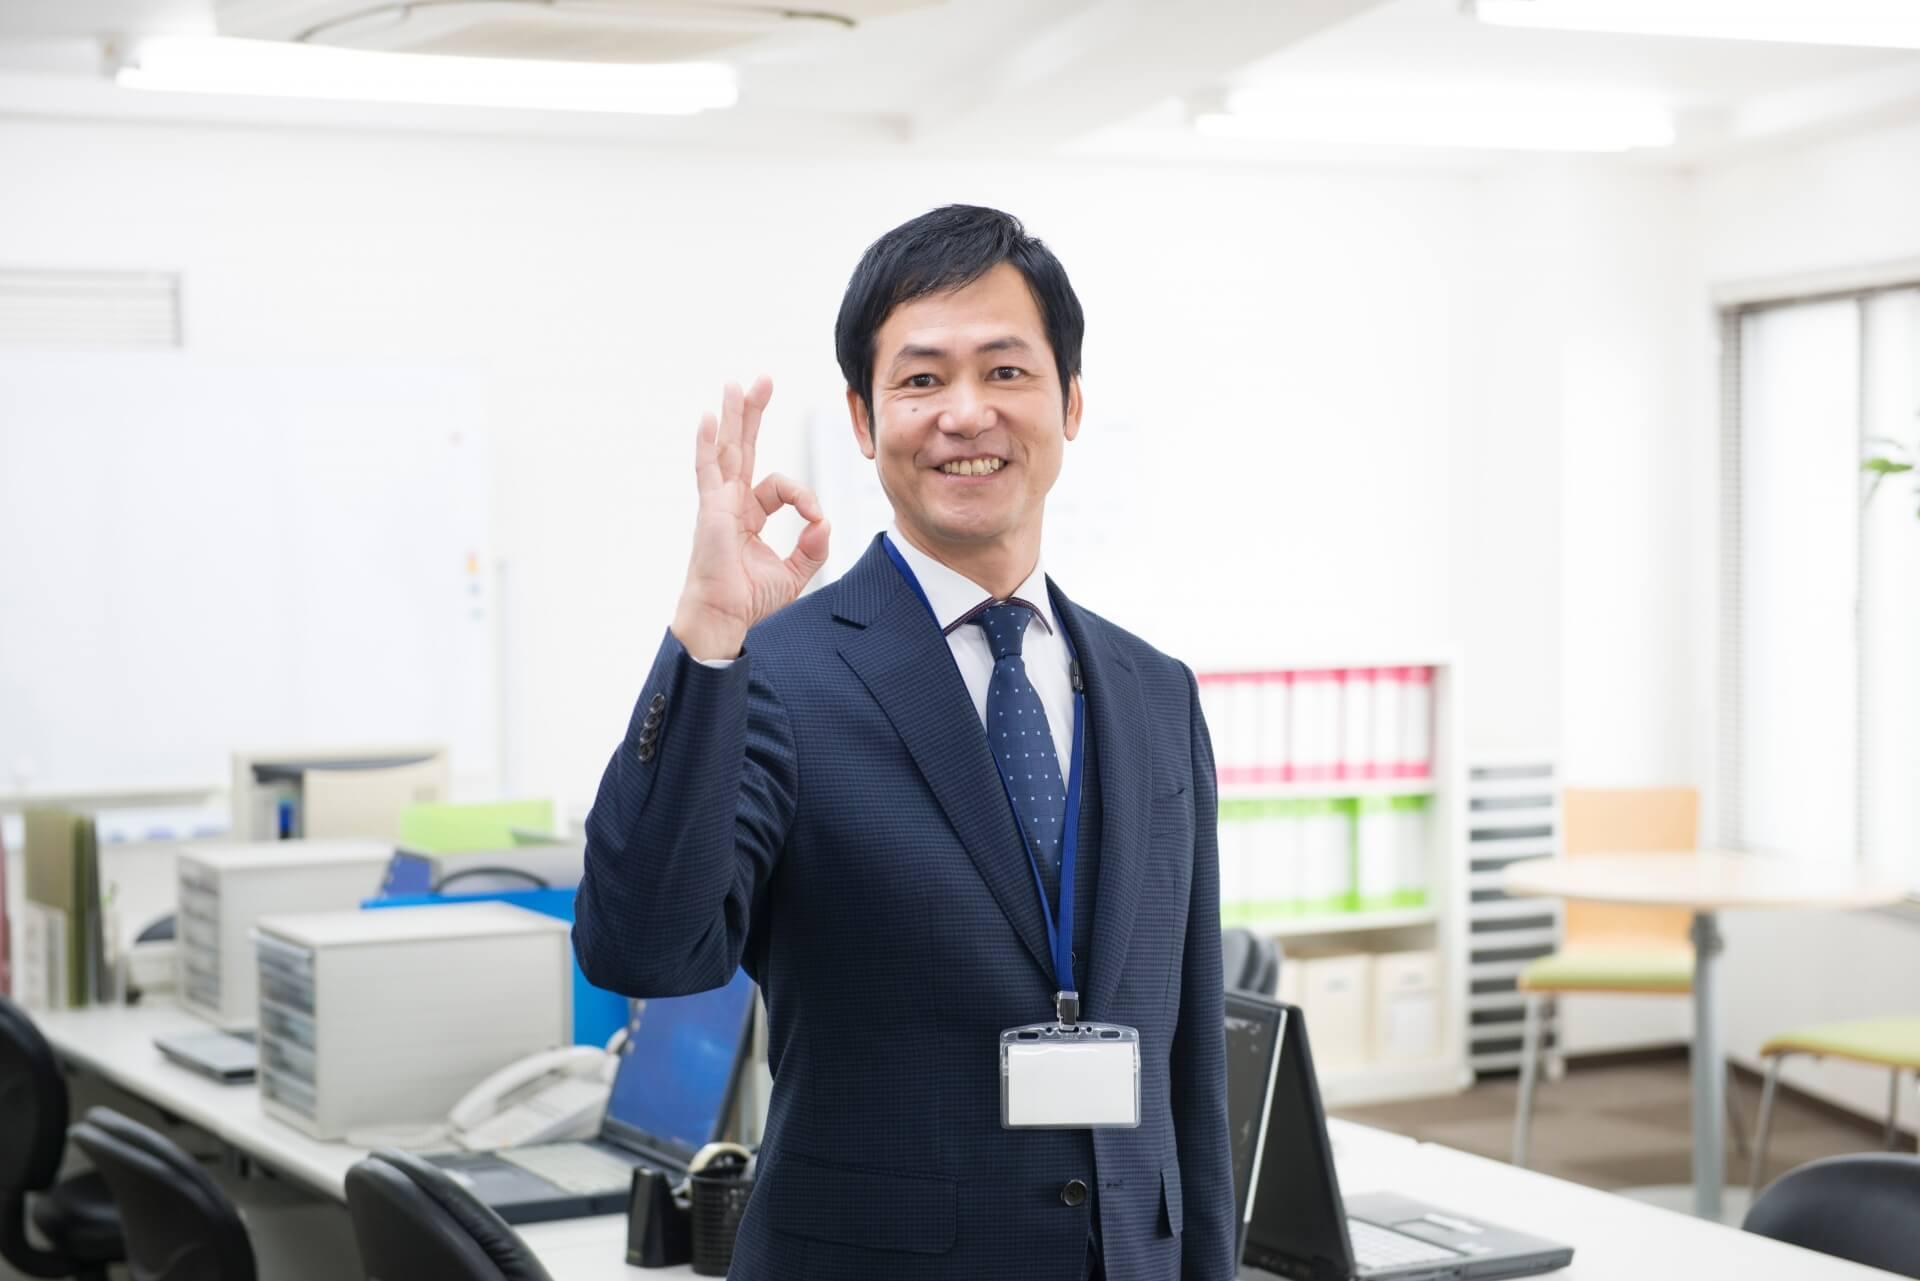 湘南ボーイさん